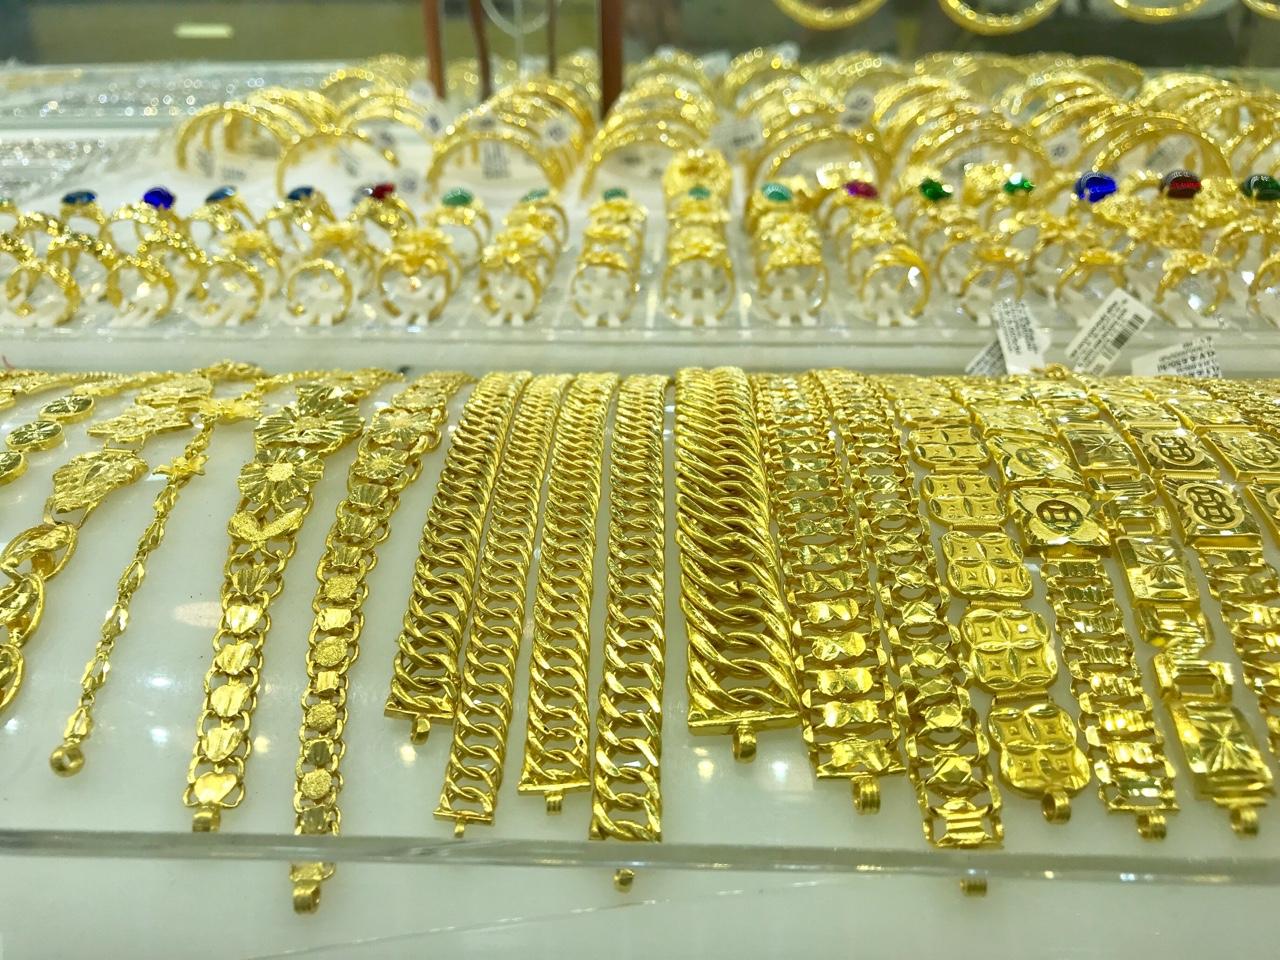 Giá vàng hôm nay 1/4: Đồng loạt tăng mạnh tại các hệ thống - Ảnh 1.